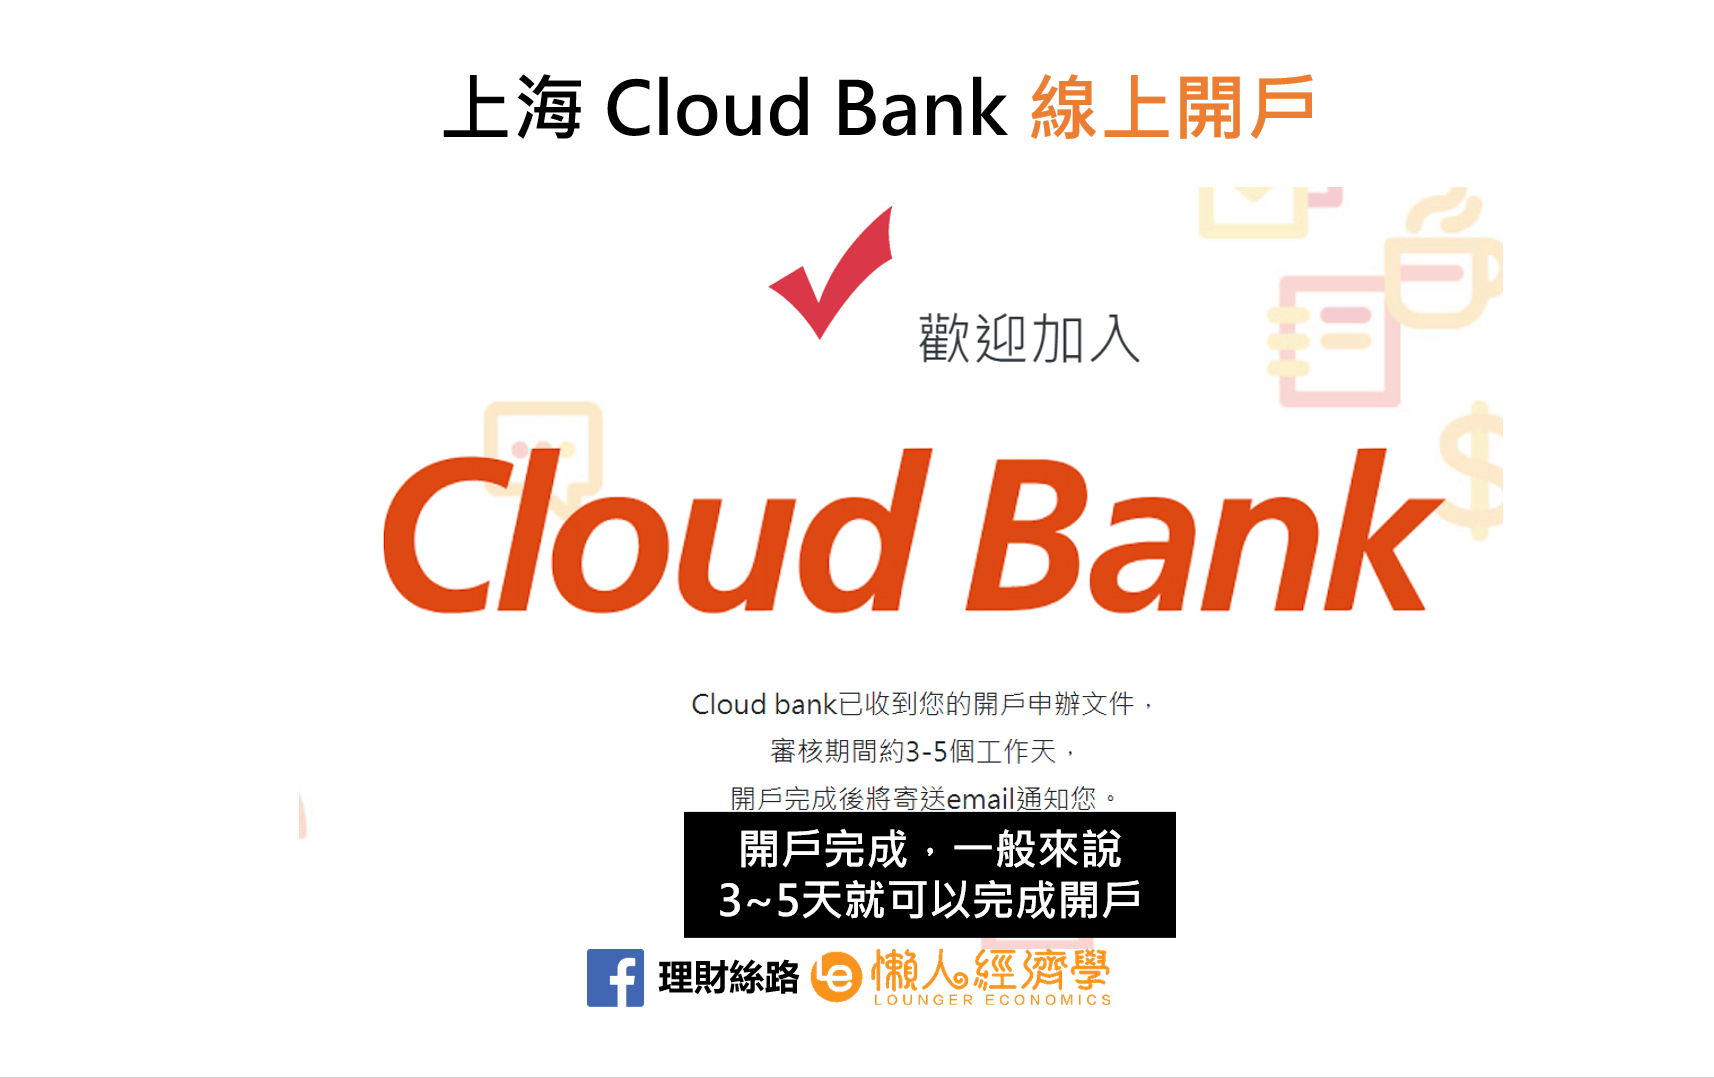 上海Cloud Bank完成開戶